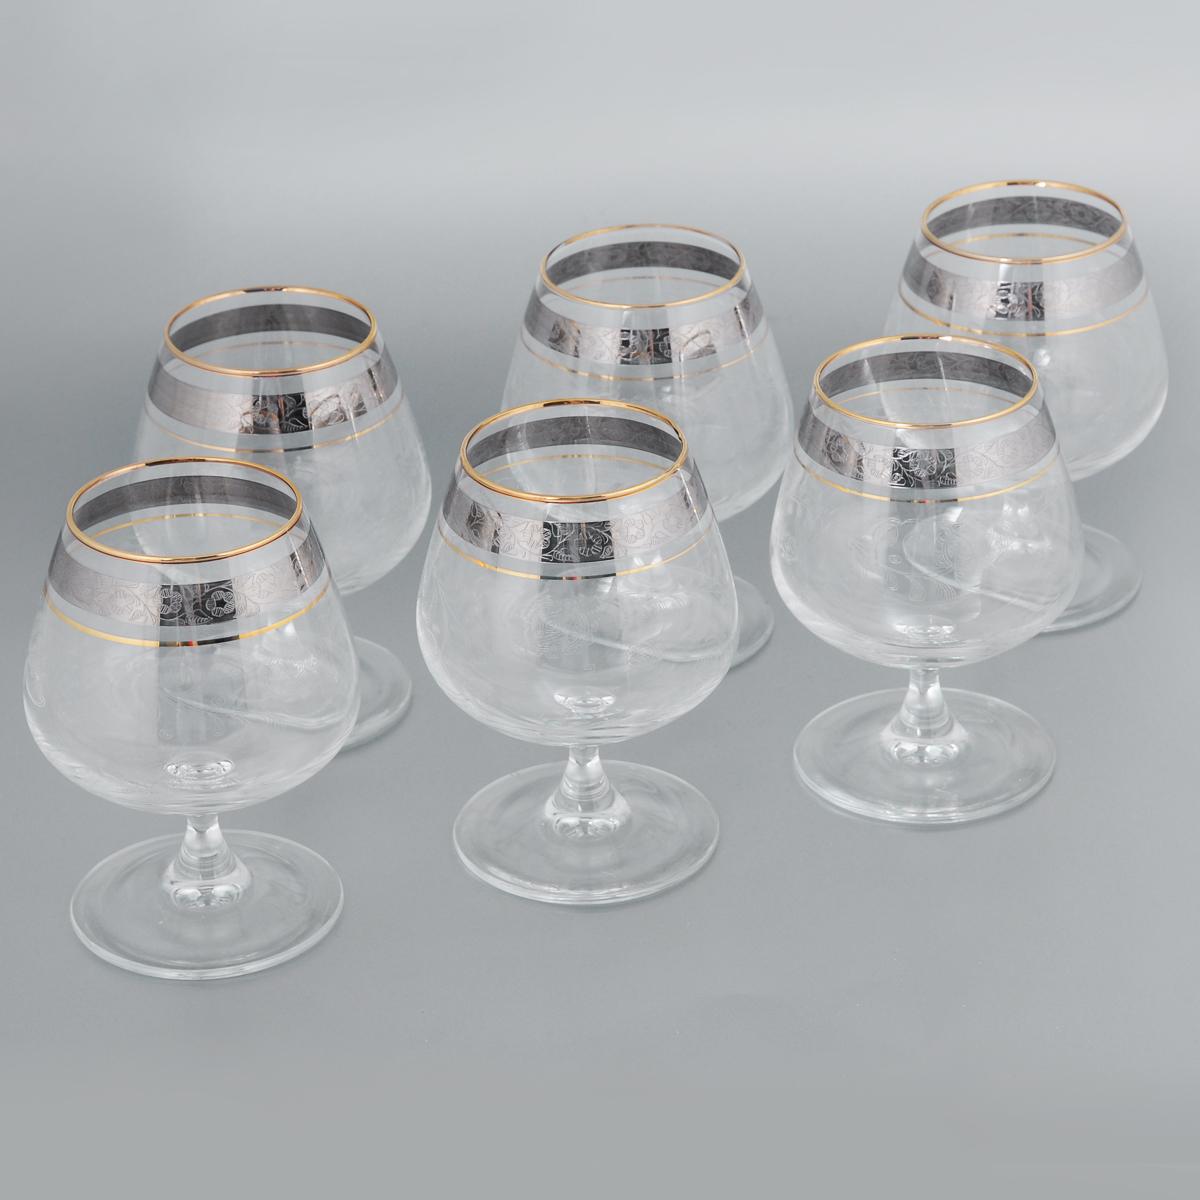 Набор бокалов для бренди Гусь-Хрустальный Нежность, 410 мл, 6 шт набор бокалов для бренди гусь хрустальный версаче 400 мл 6 шт